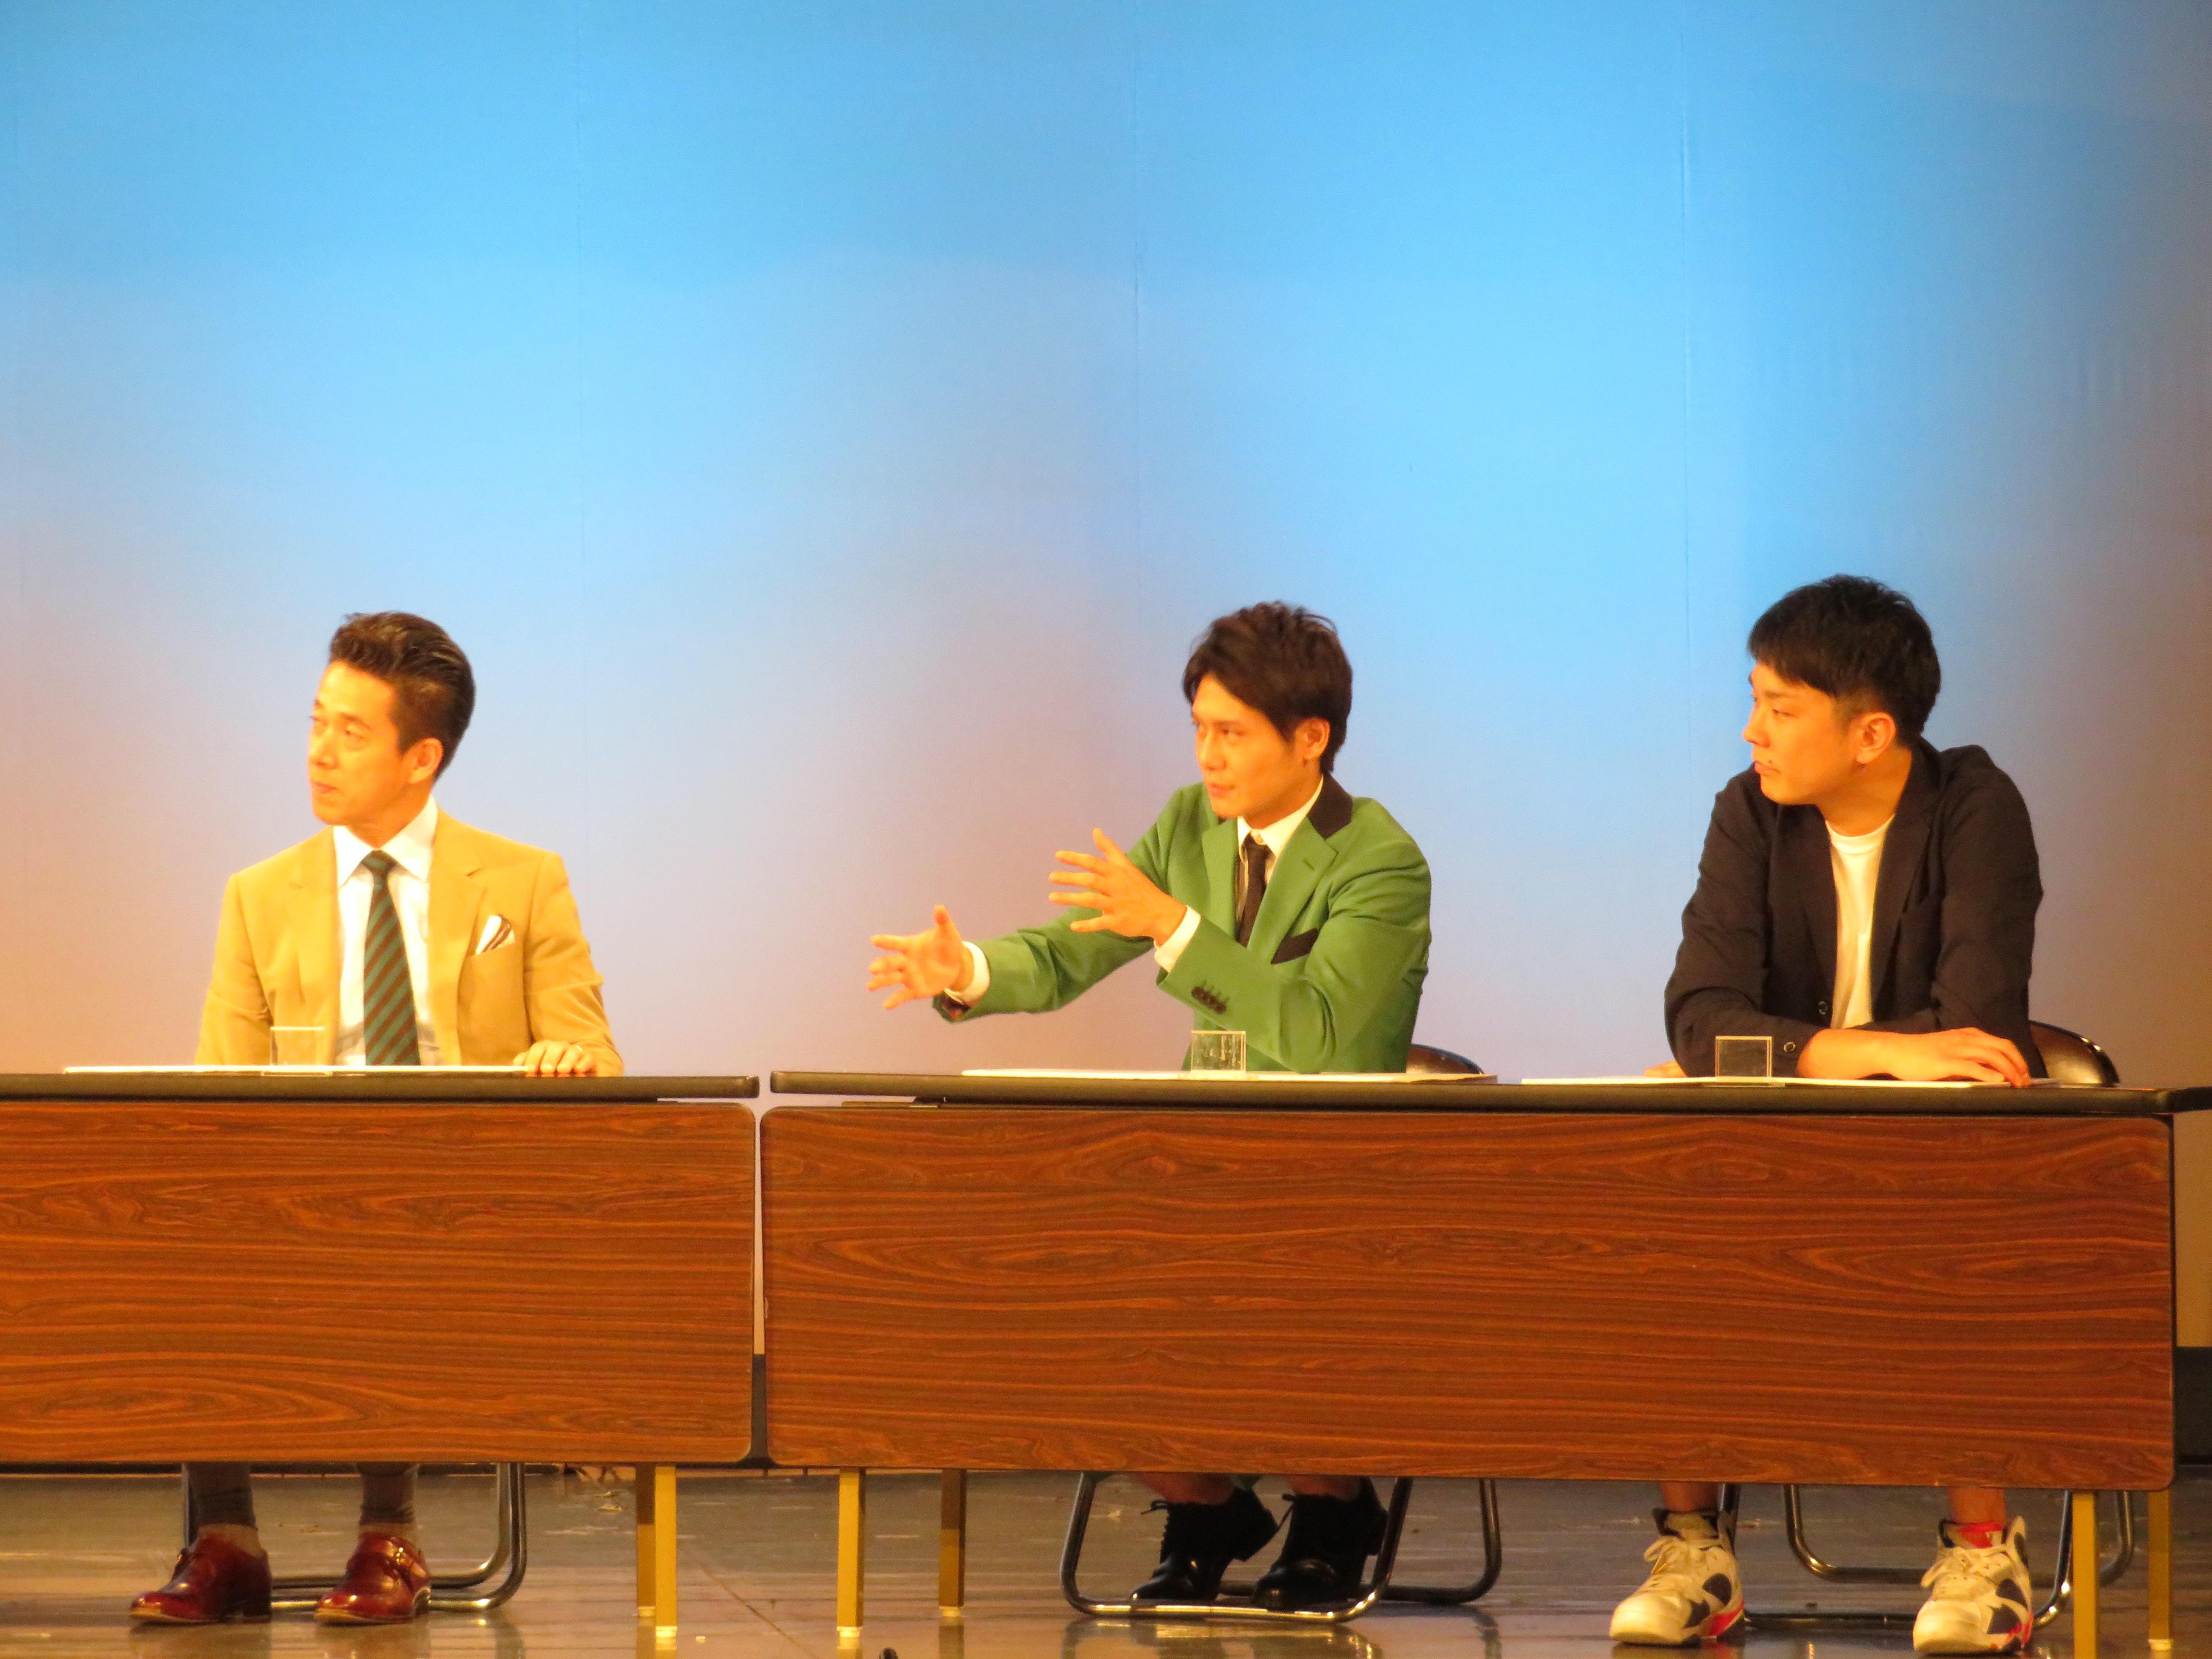 http://news.yoshimoto.co.jp/20170803164313-49e7a845e224df0d8435021e2b3f376e6ea73618.jpg